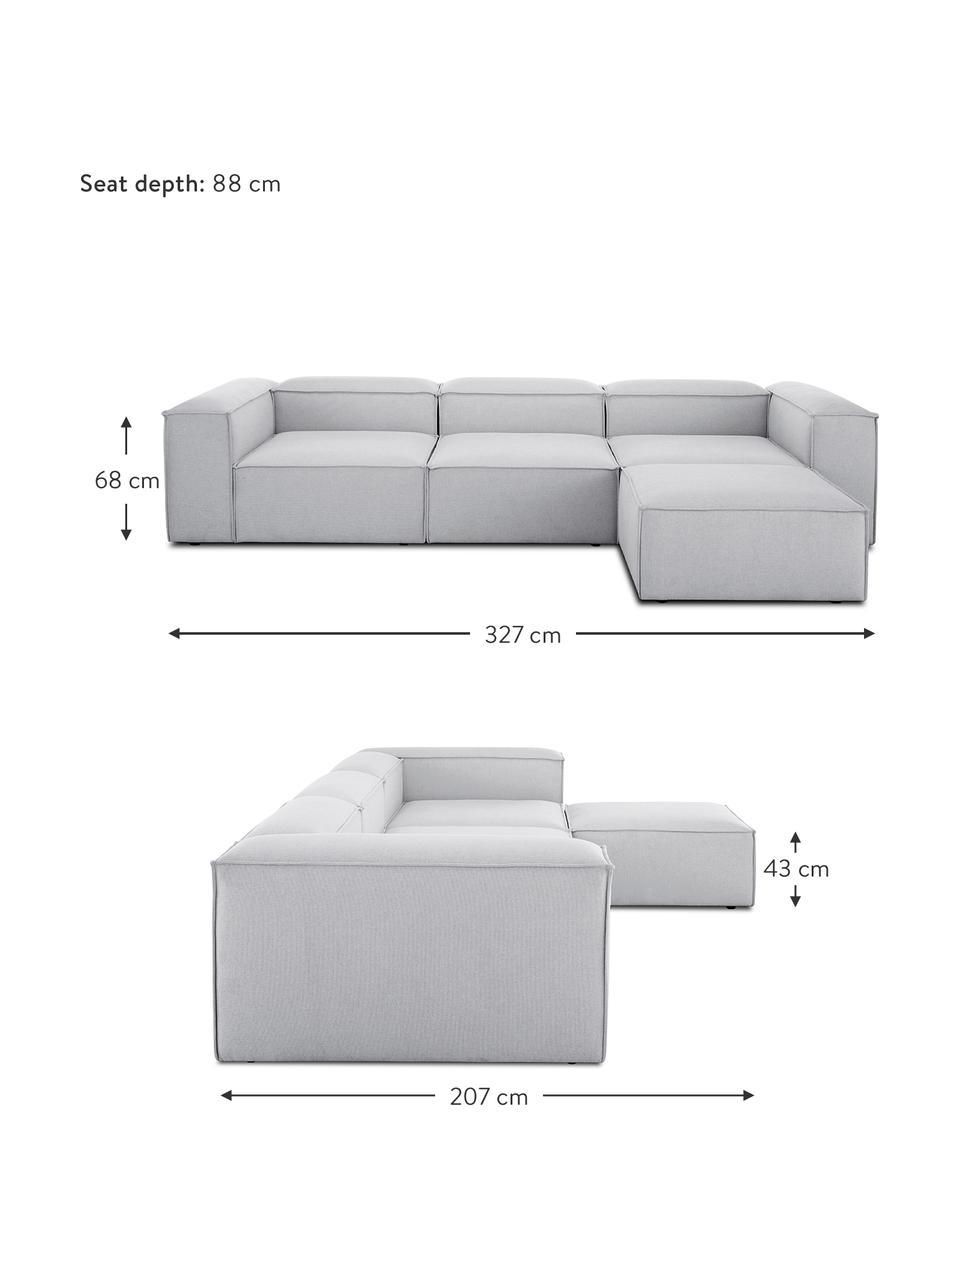 Narożna sofa modułowa Lennon, Tapicerka: poliester 35 000 cykli w , Stelaż: lite drewno sosnowe, skle, Nogi: tworzywo sztuczne, Jasny szary, S 327 x G 207 cm